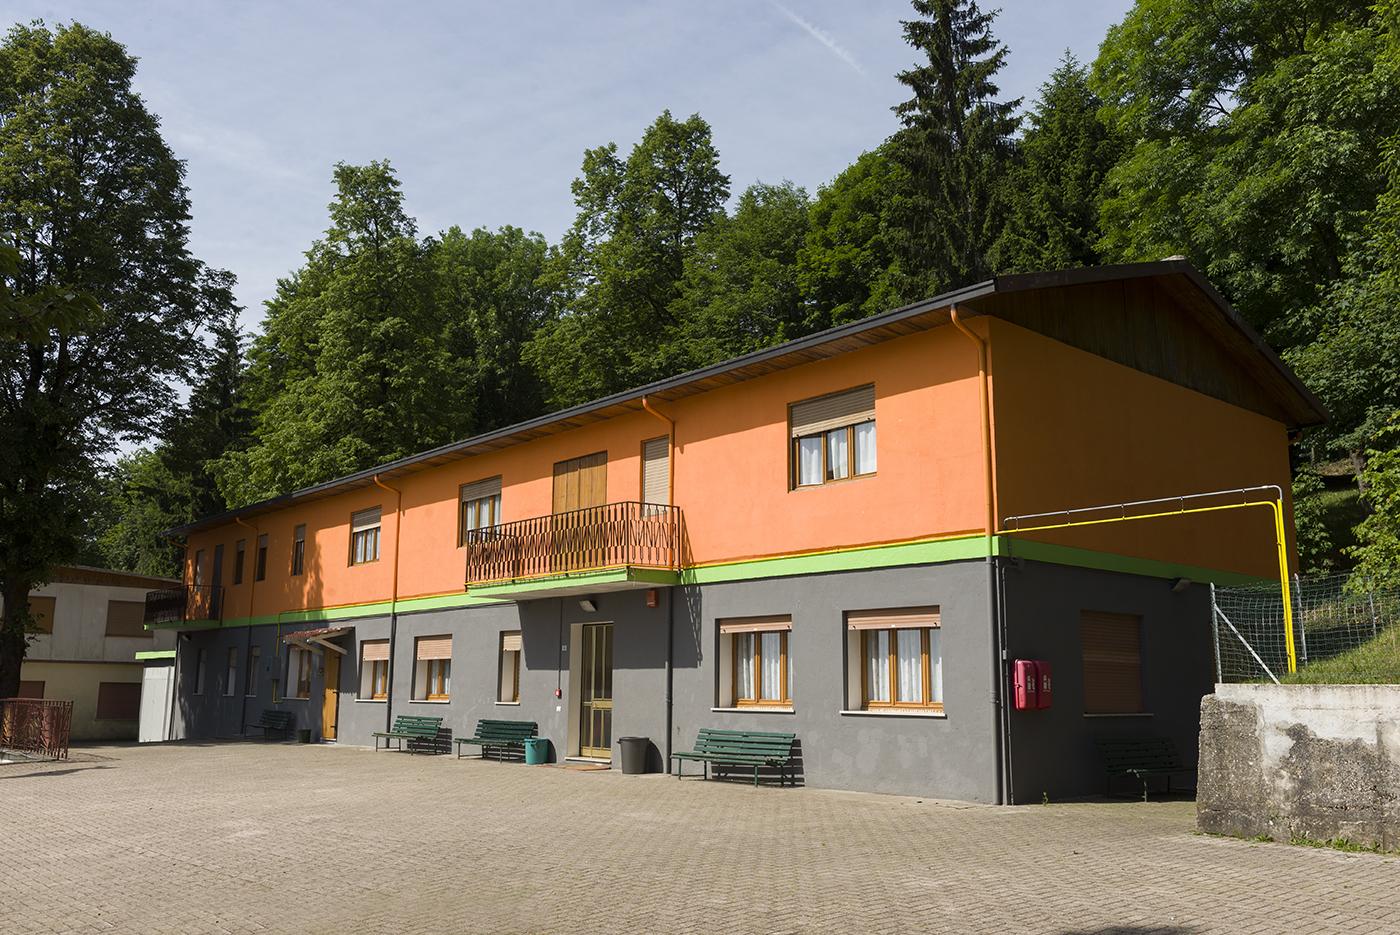 Casa San Gaetano – Villaggio San Gaetano